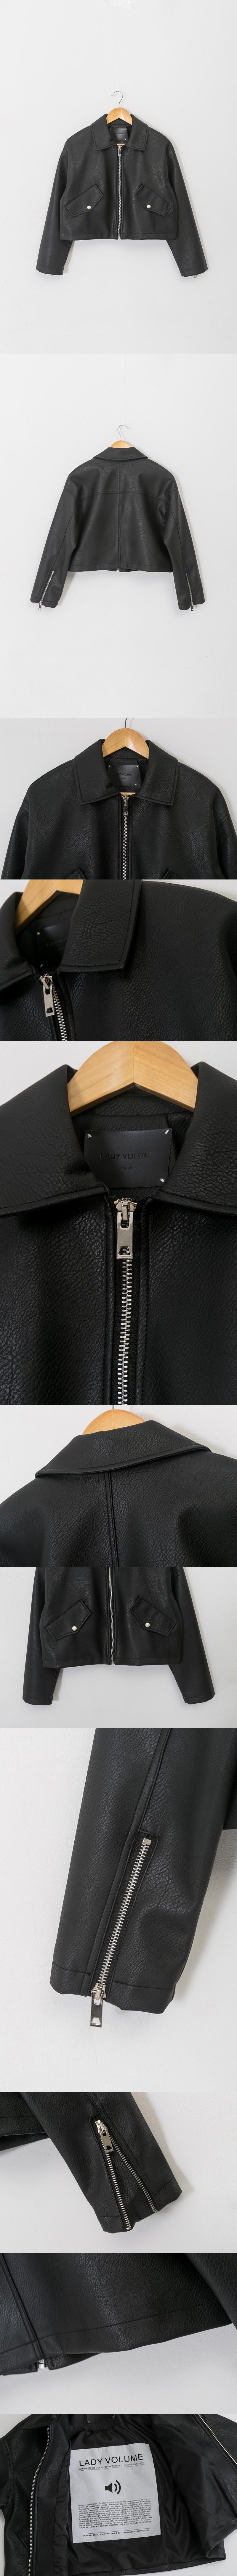 레이디 볼륨(LADY VOLUME) overfit blouson riders jacket